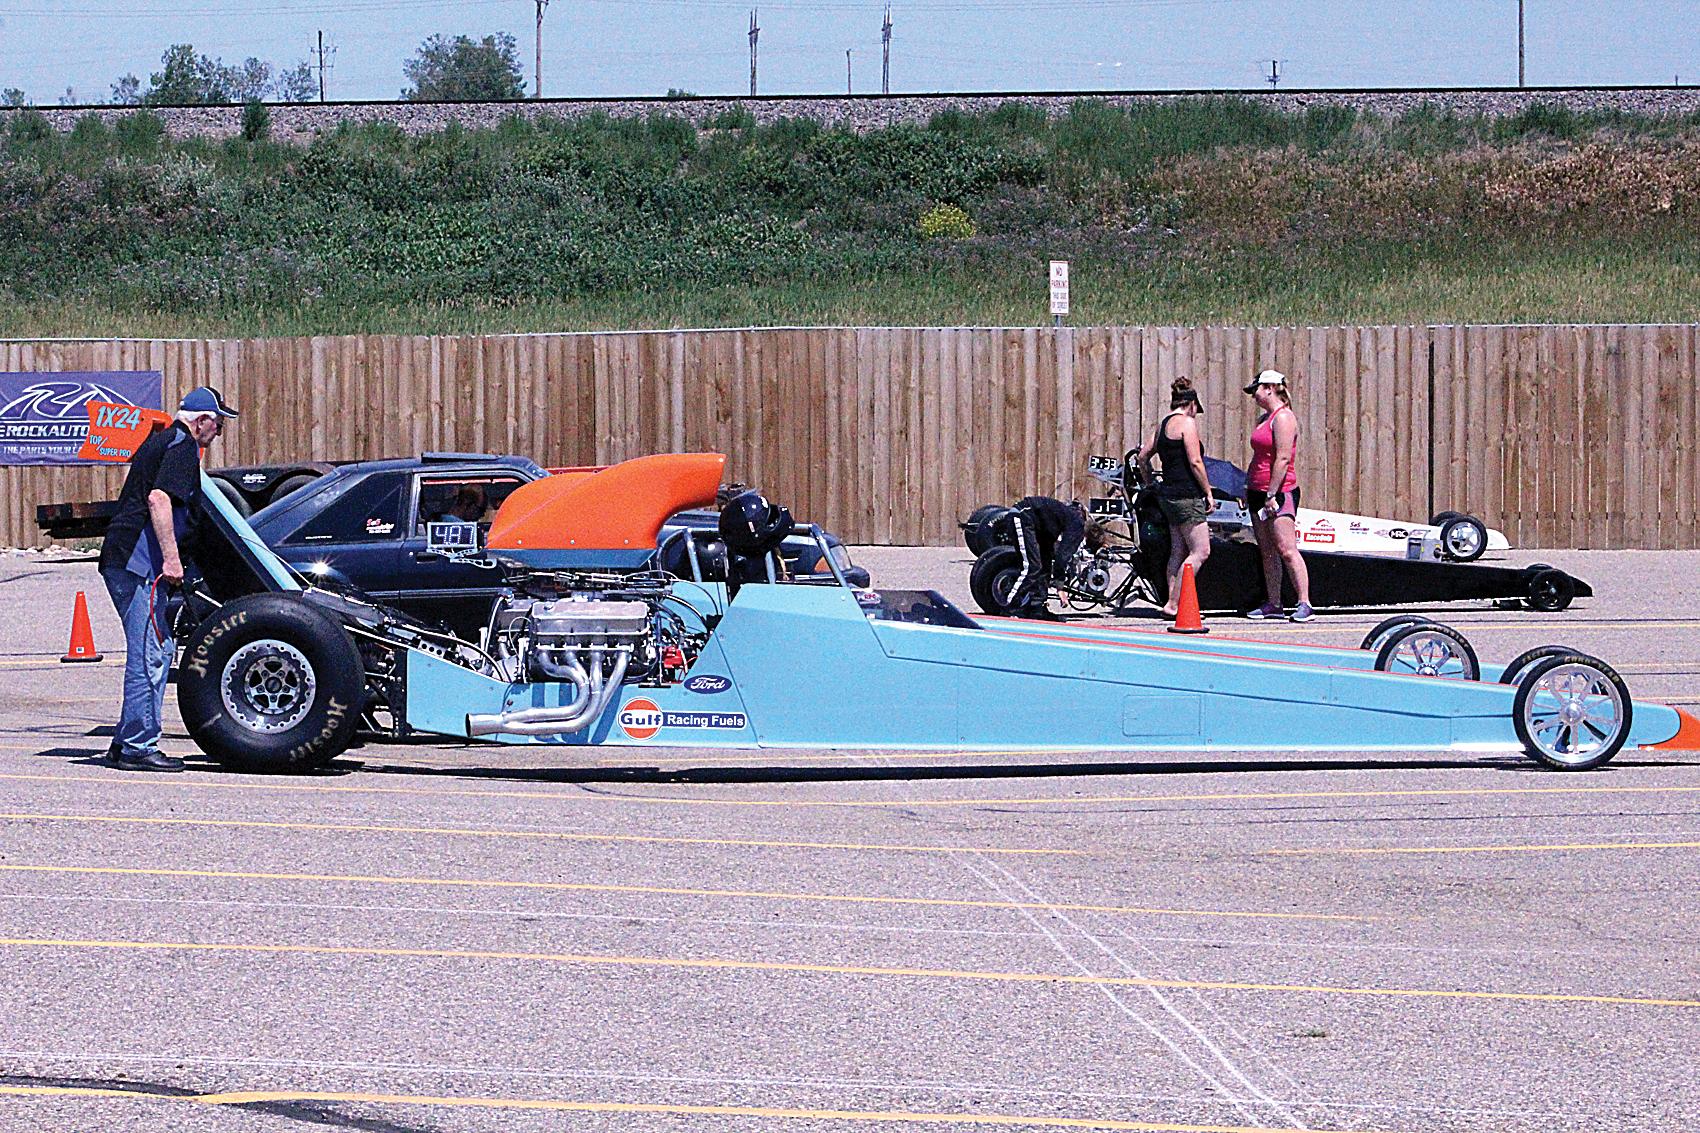 Classic Cars Minot North Dakota